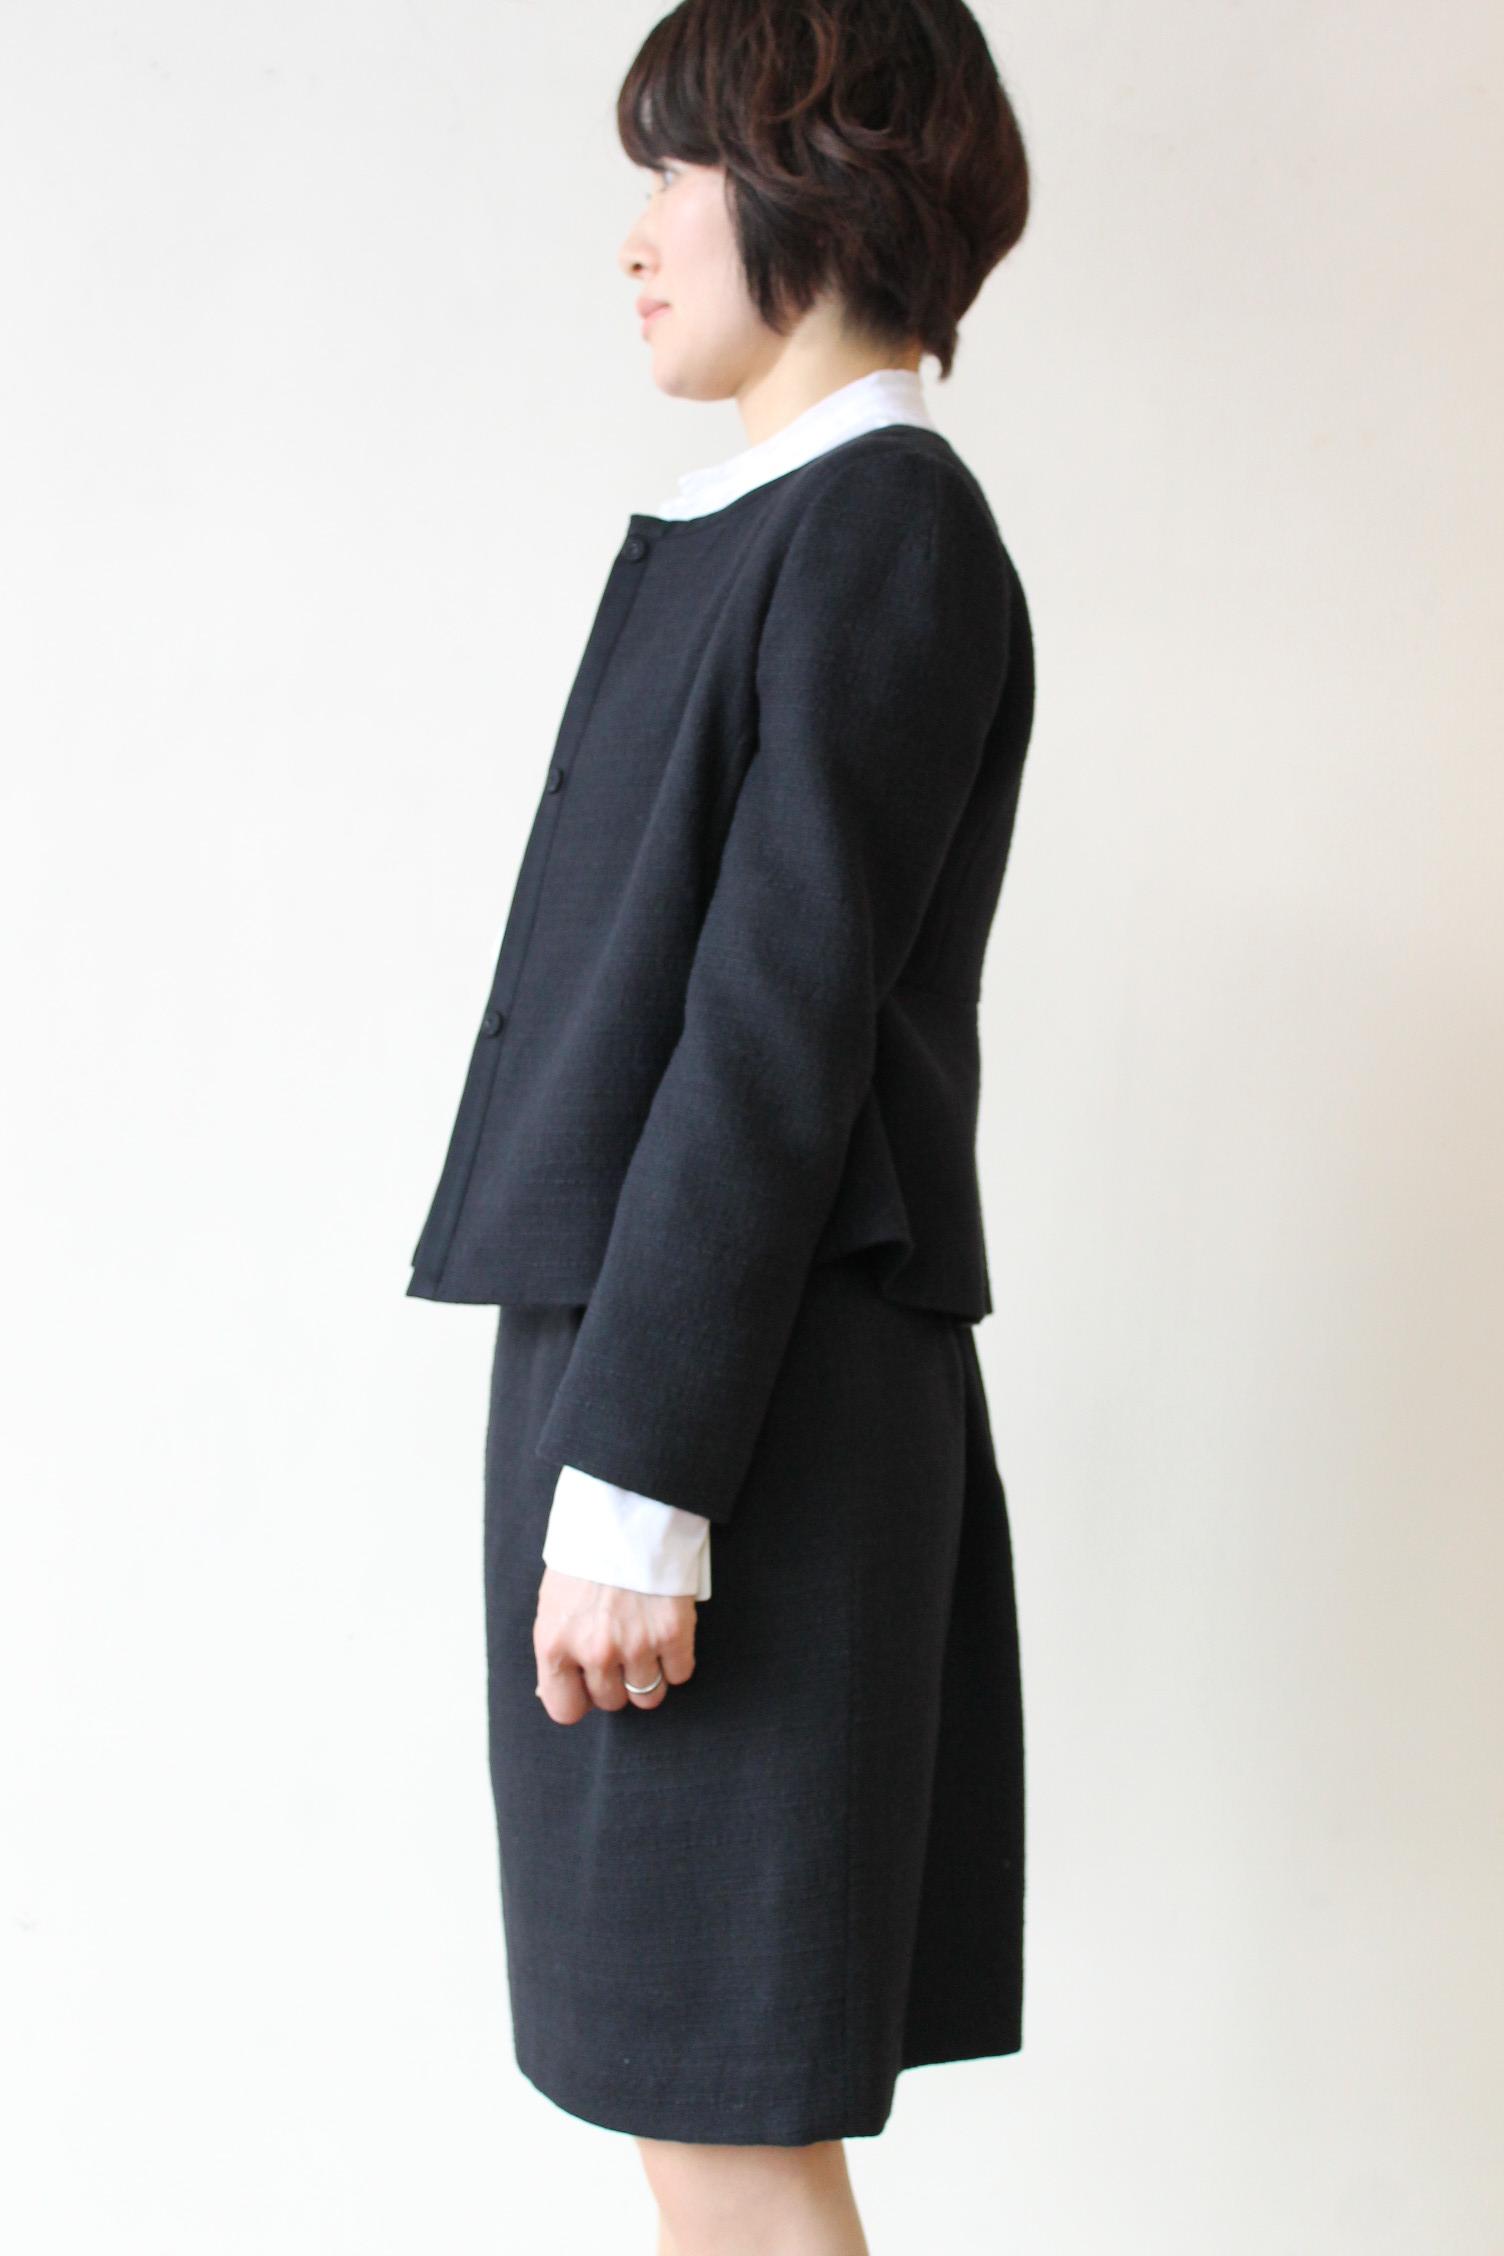 BALLSEY(ボールジィ)スラブブッチャークルージャケット&スカート